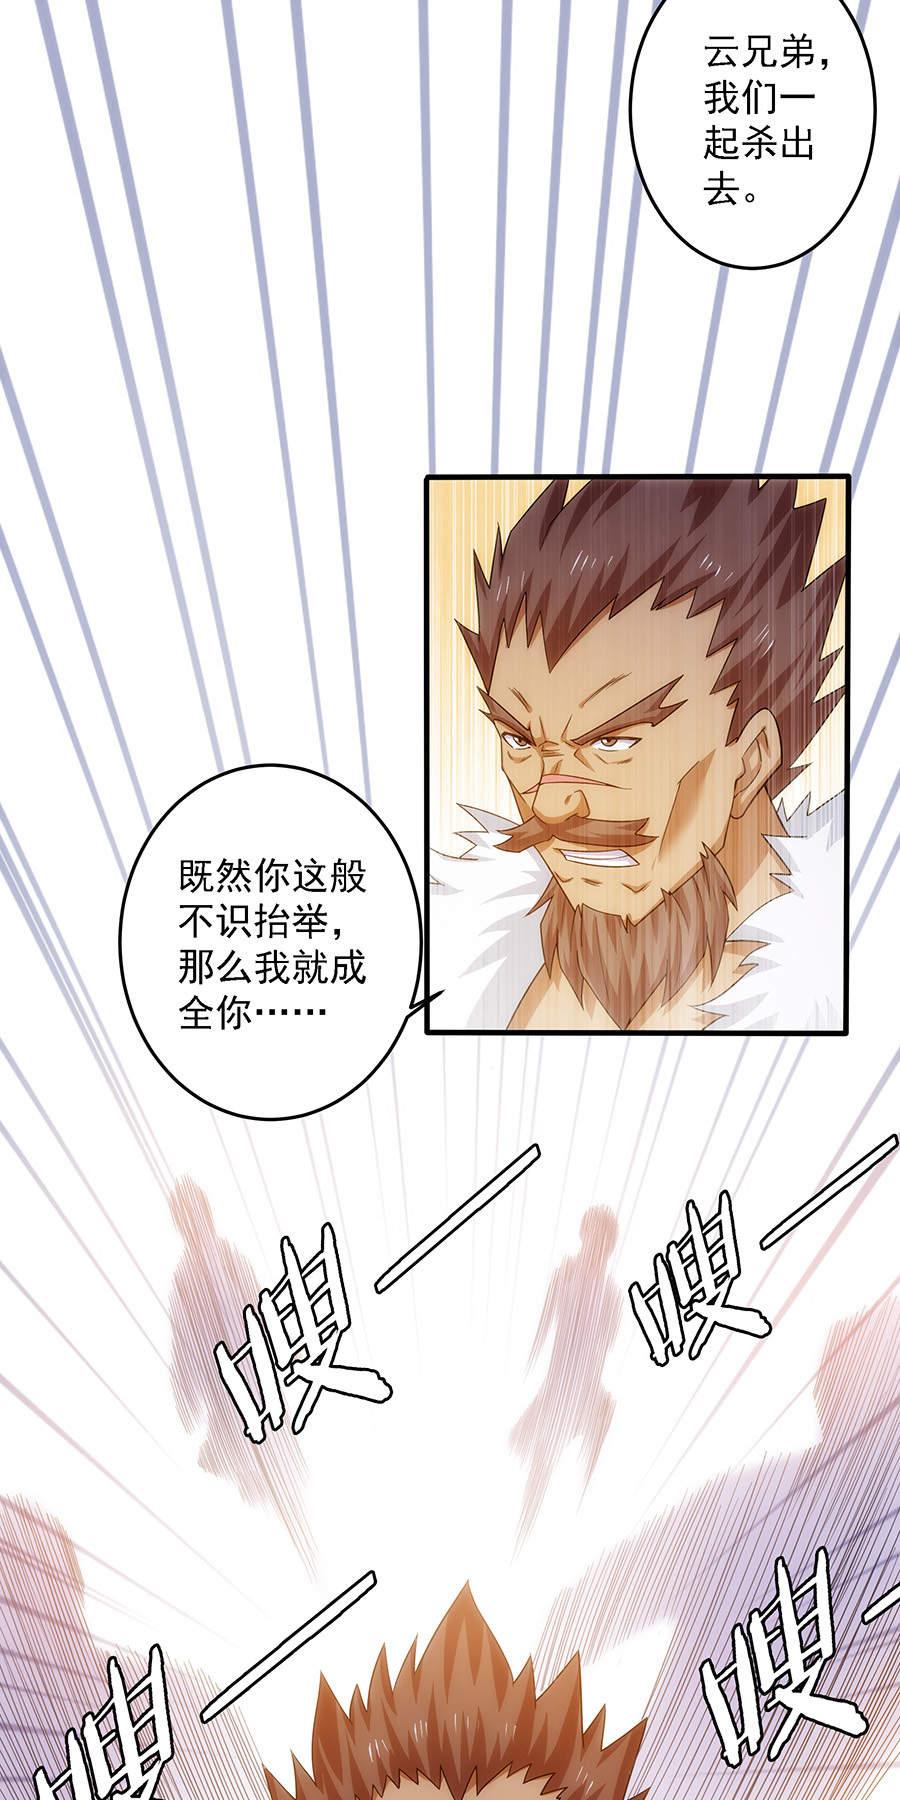 绝世剑神第33话  大战黑鹰 第 9